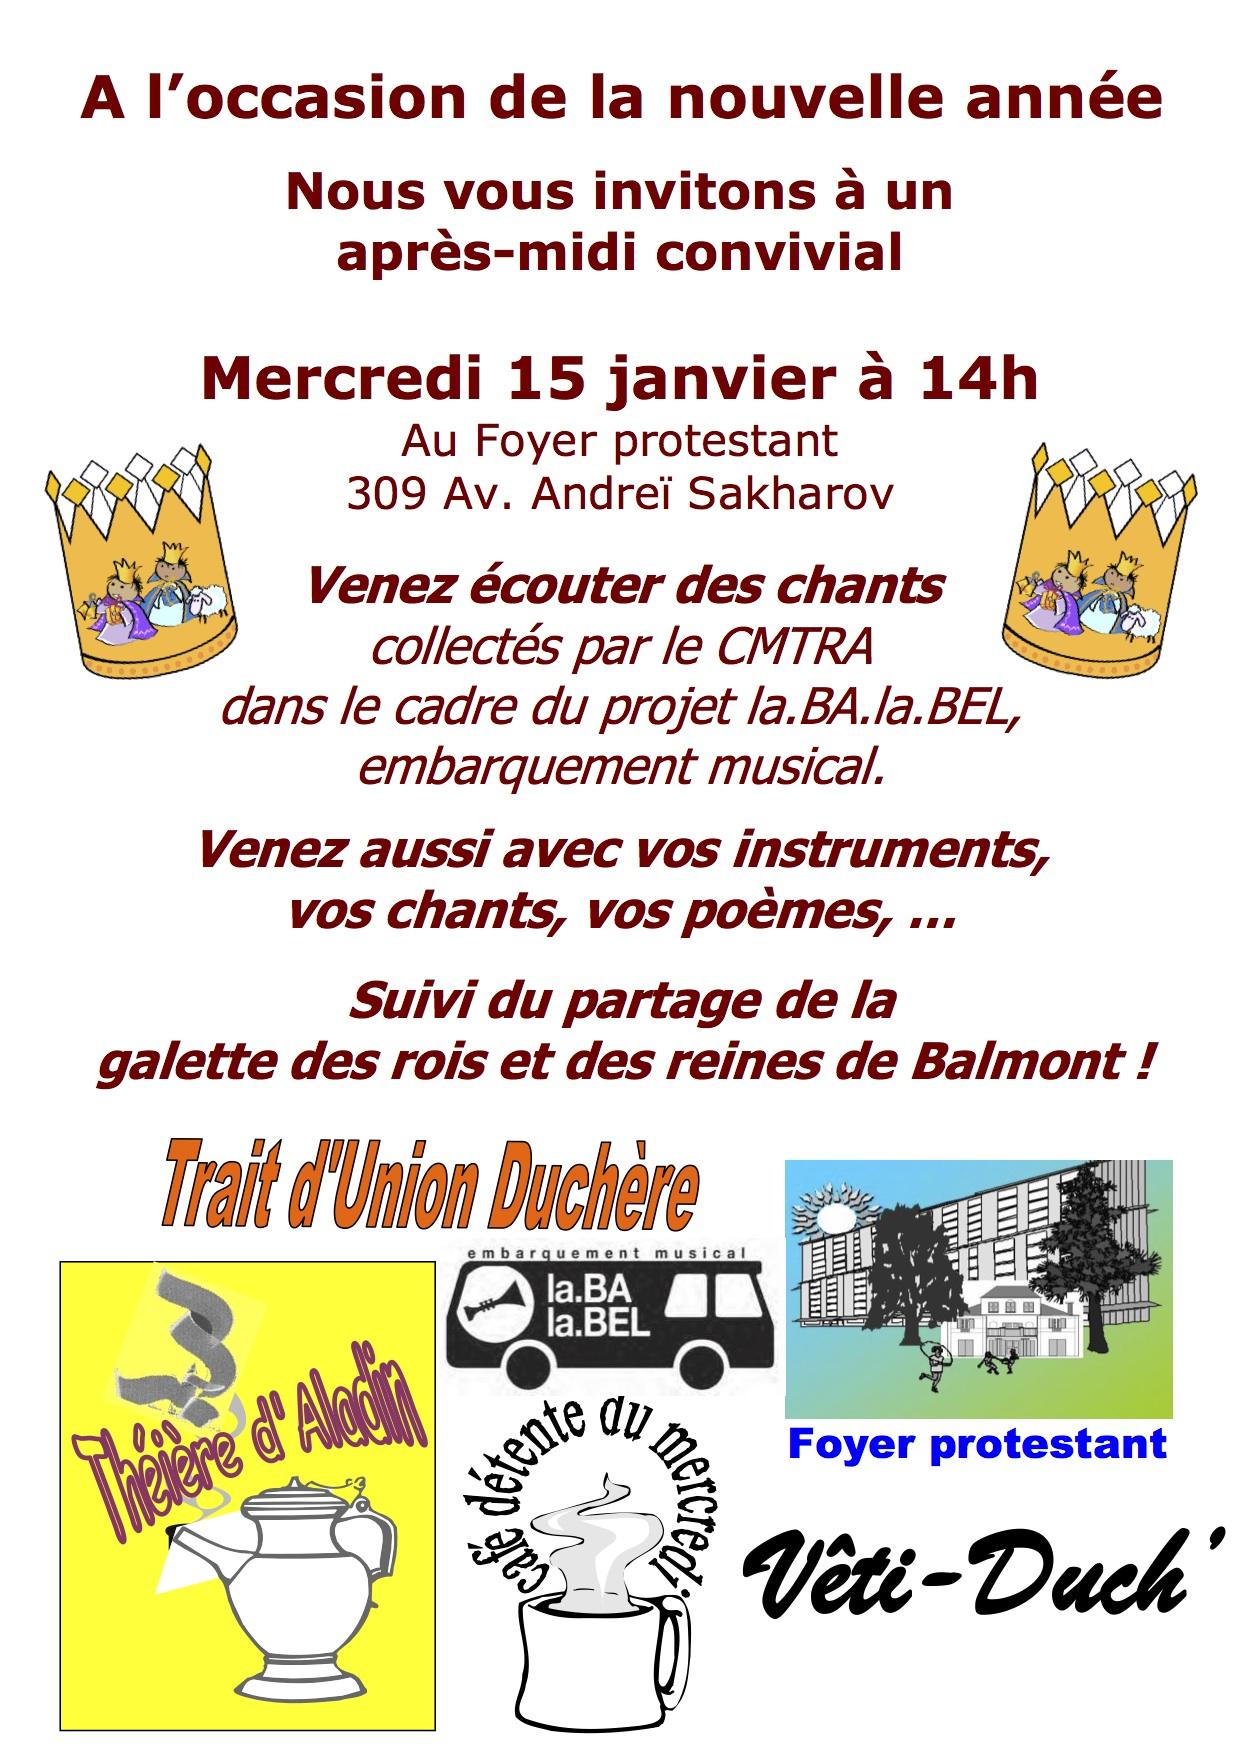 Invitation fête Balmont début d'année 2014